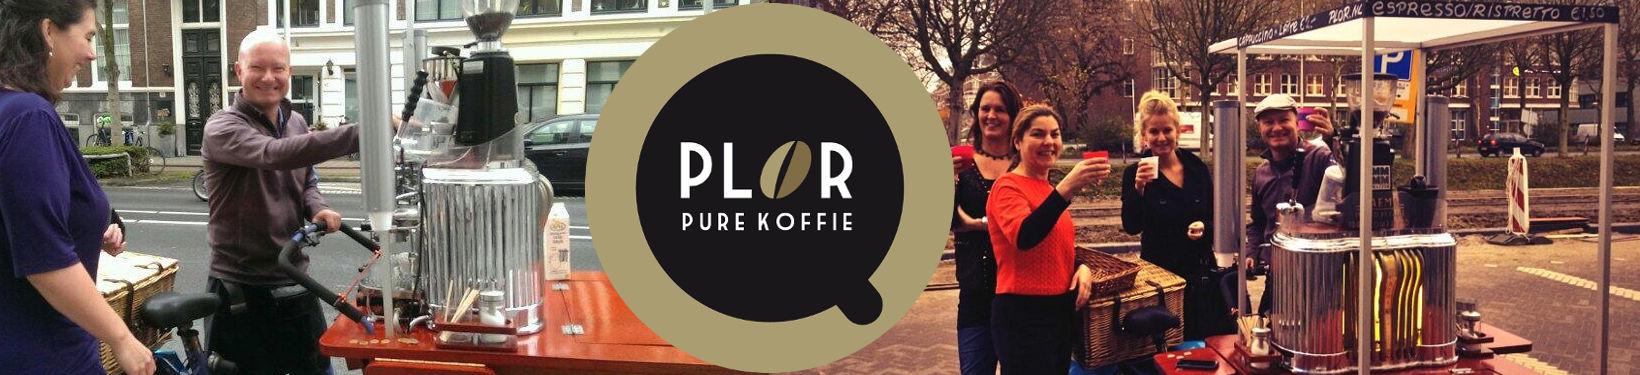 Plor Pure Koffie Kopfoto1